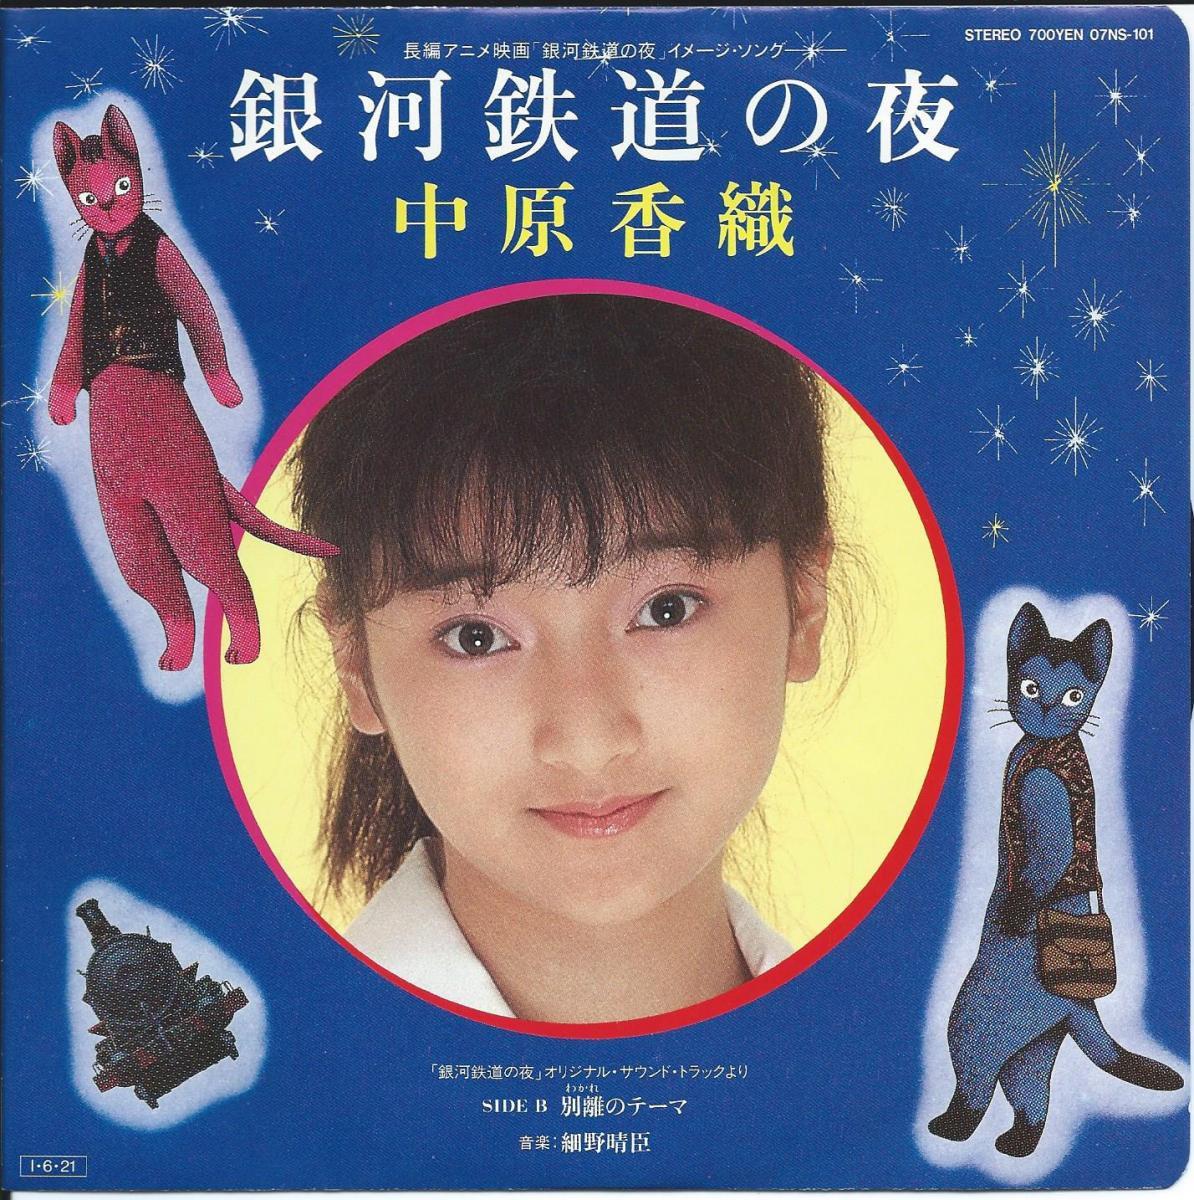 中原香織 / 銀河鉄道の夜 / 別離 ...